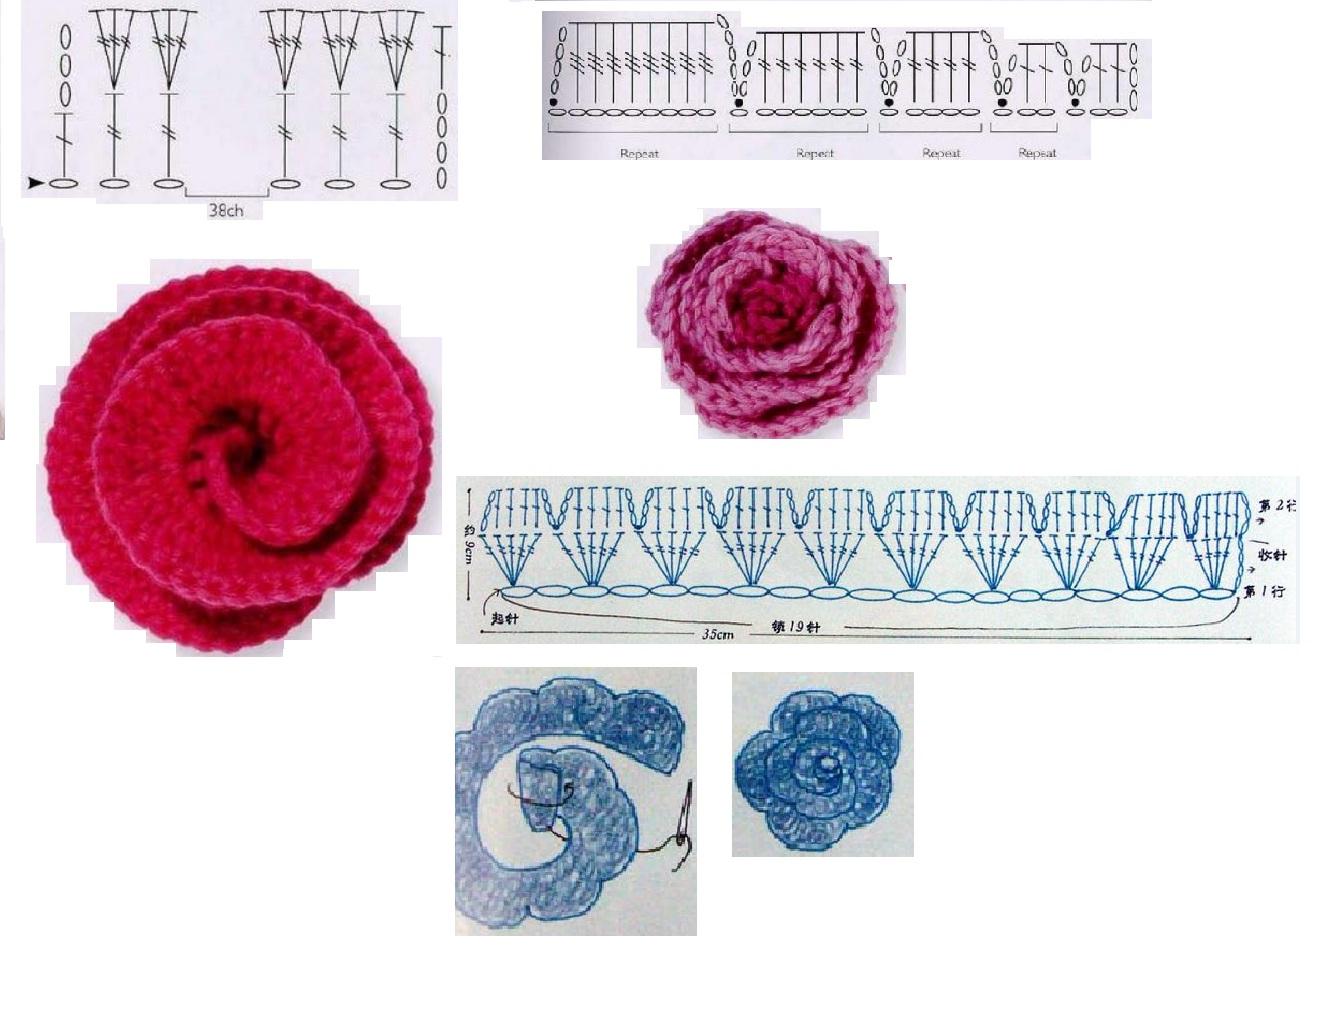 Rinconcito de Hada Nocturna: Nuevos broches y anillos a crochet